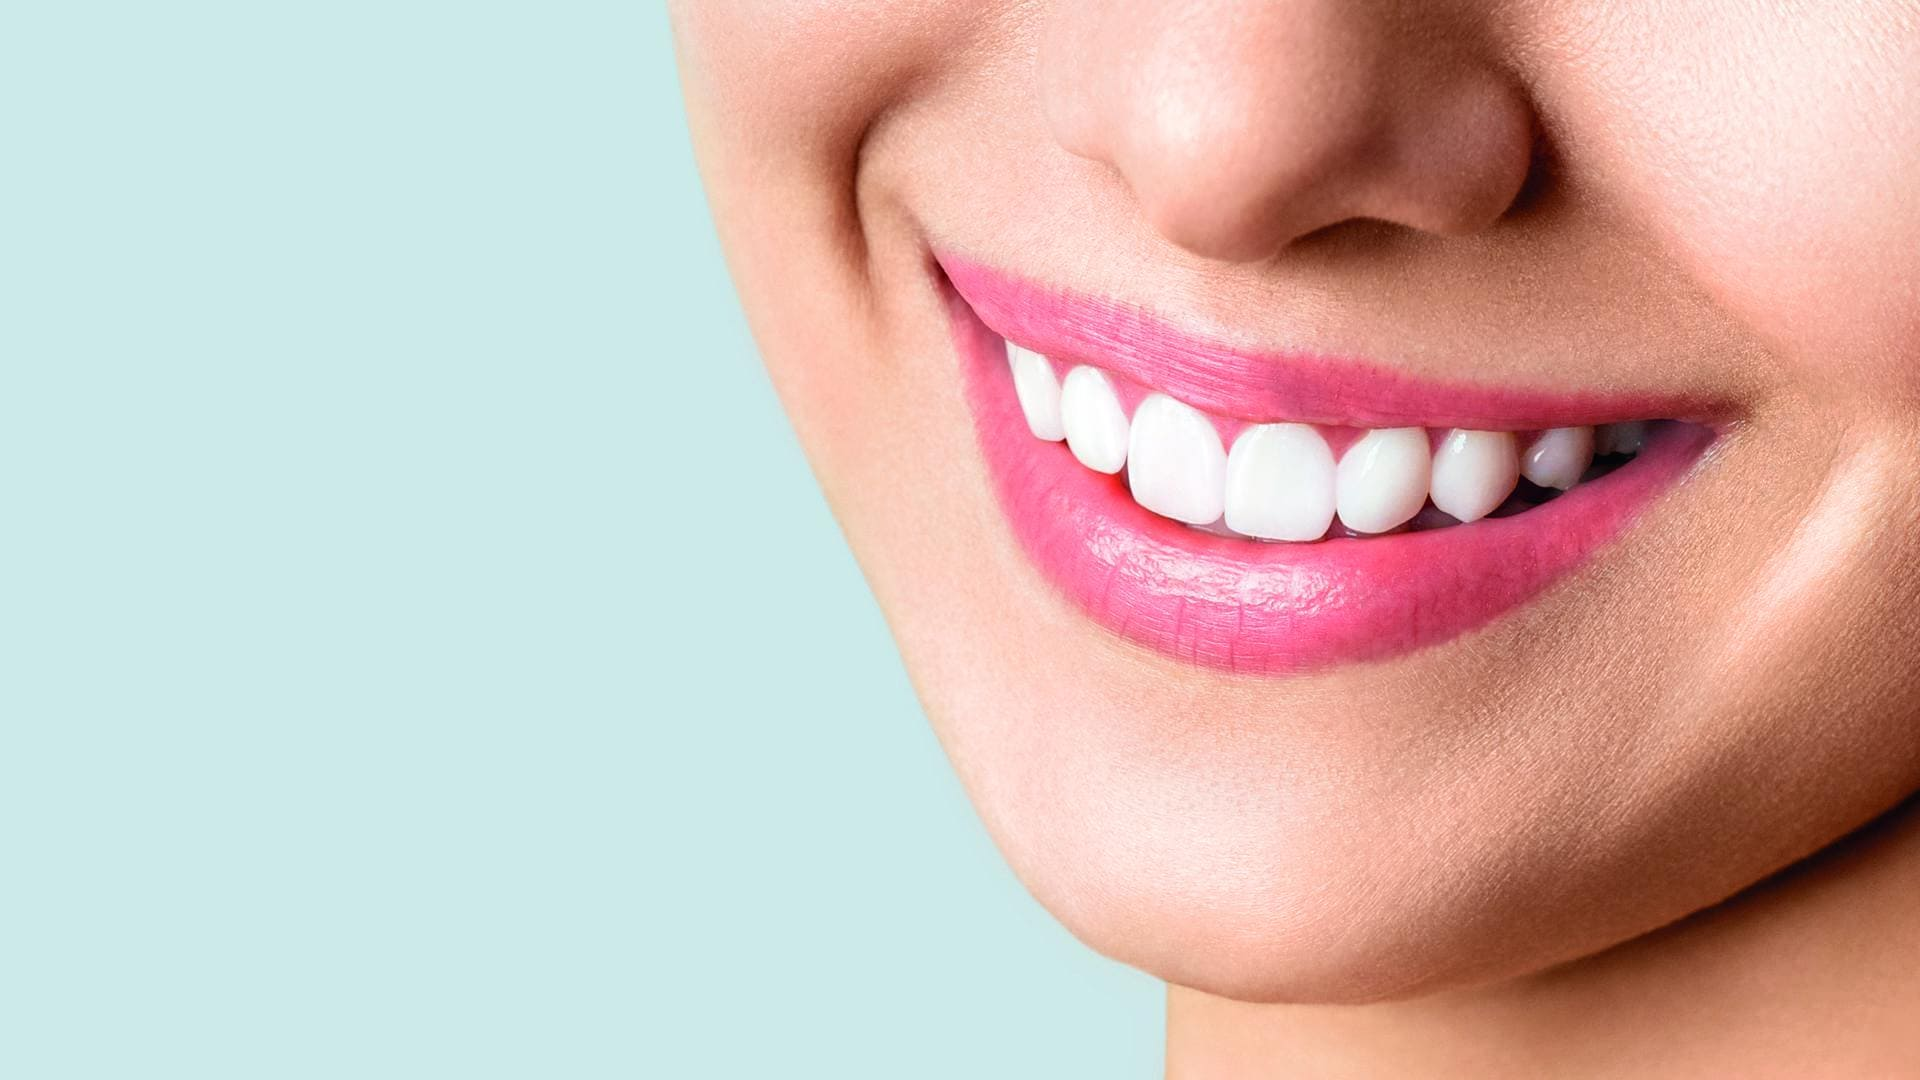 Όψεις Πορσελάνης & Όψεις Ρητίνης στην Αισθητική Οδοντιατρική